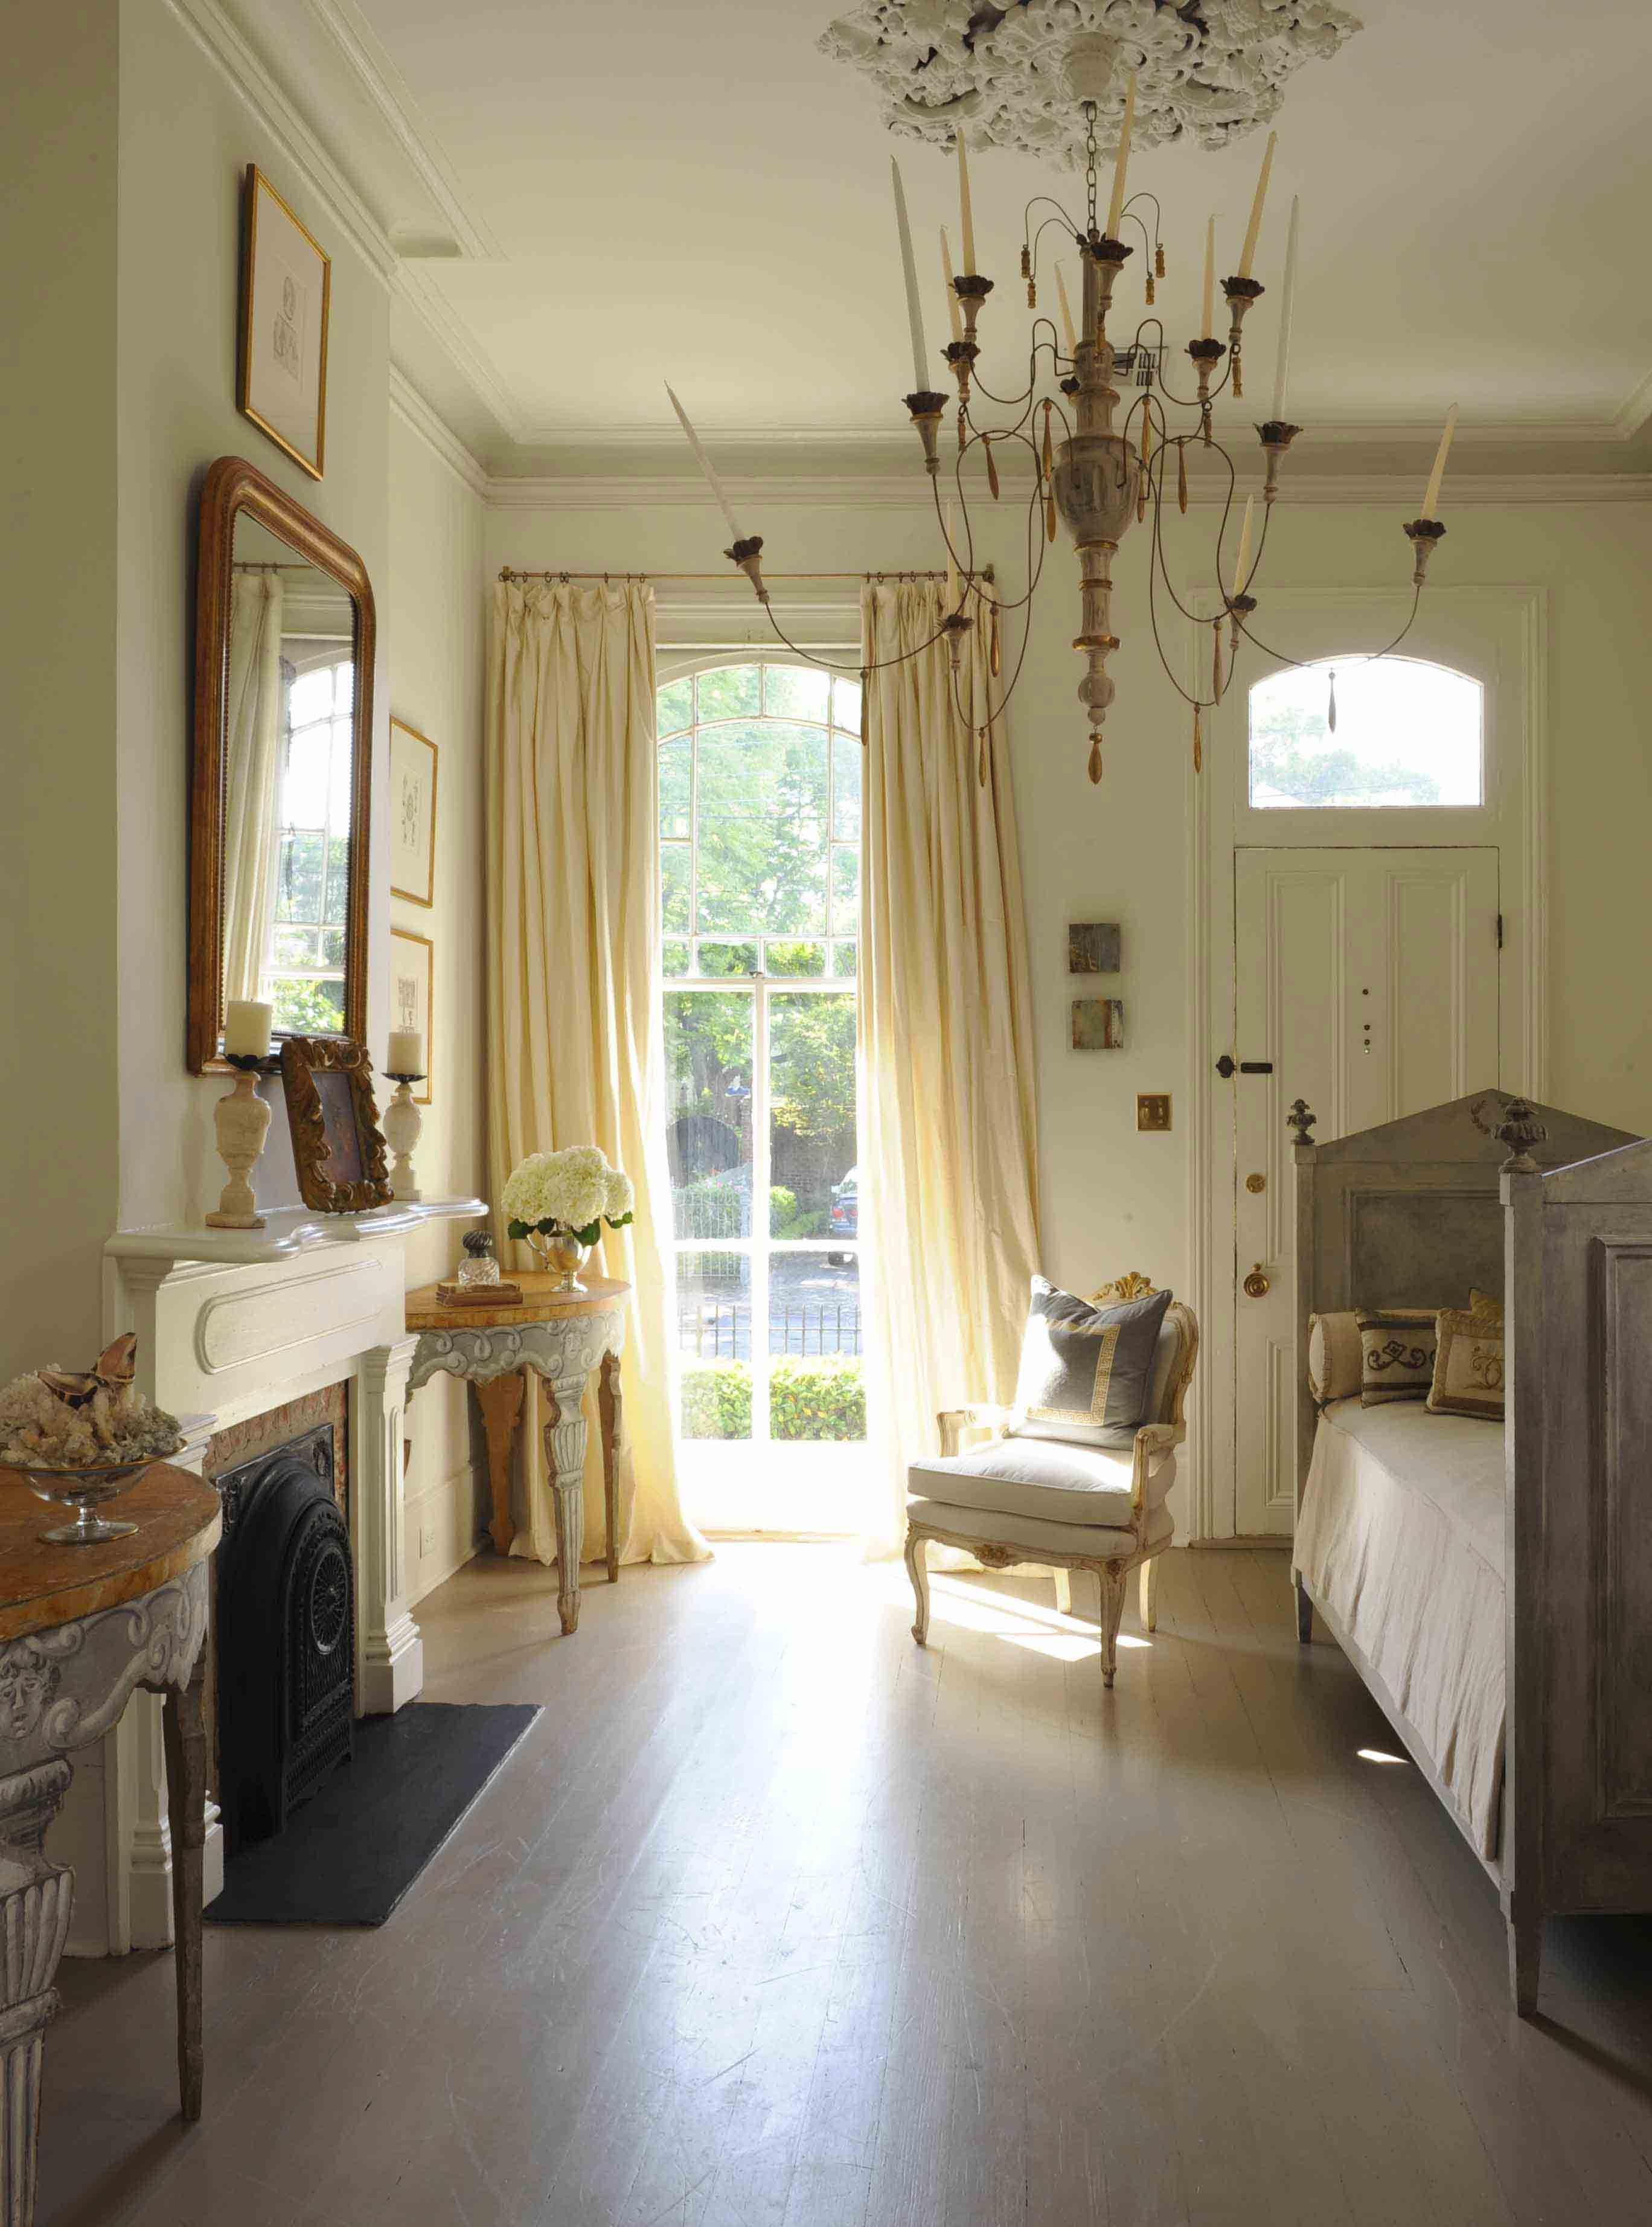 Interior Photos Of Shotgun Houses Roux Pinterest Shotgun House